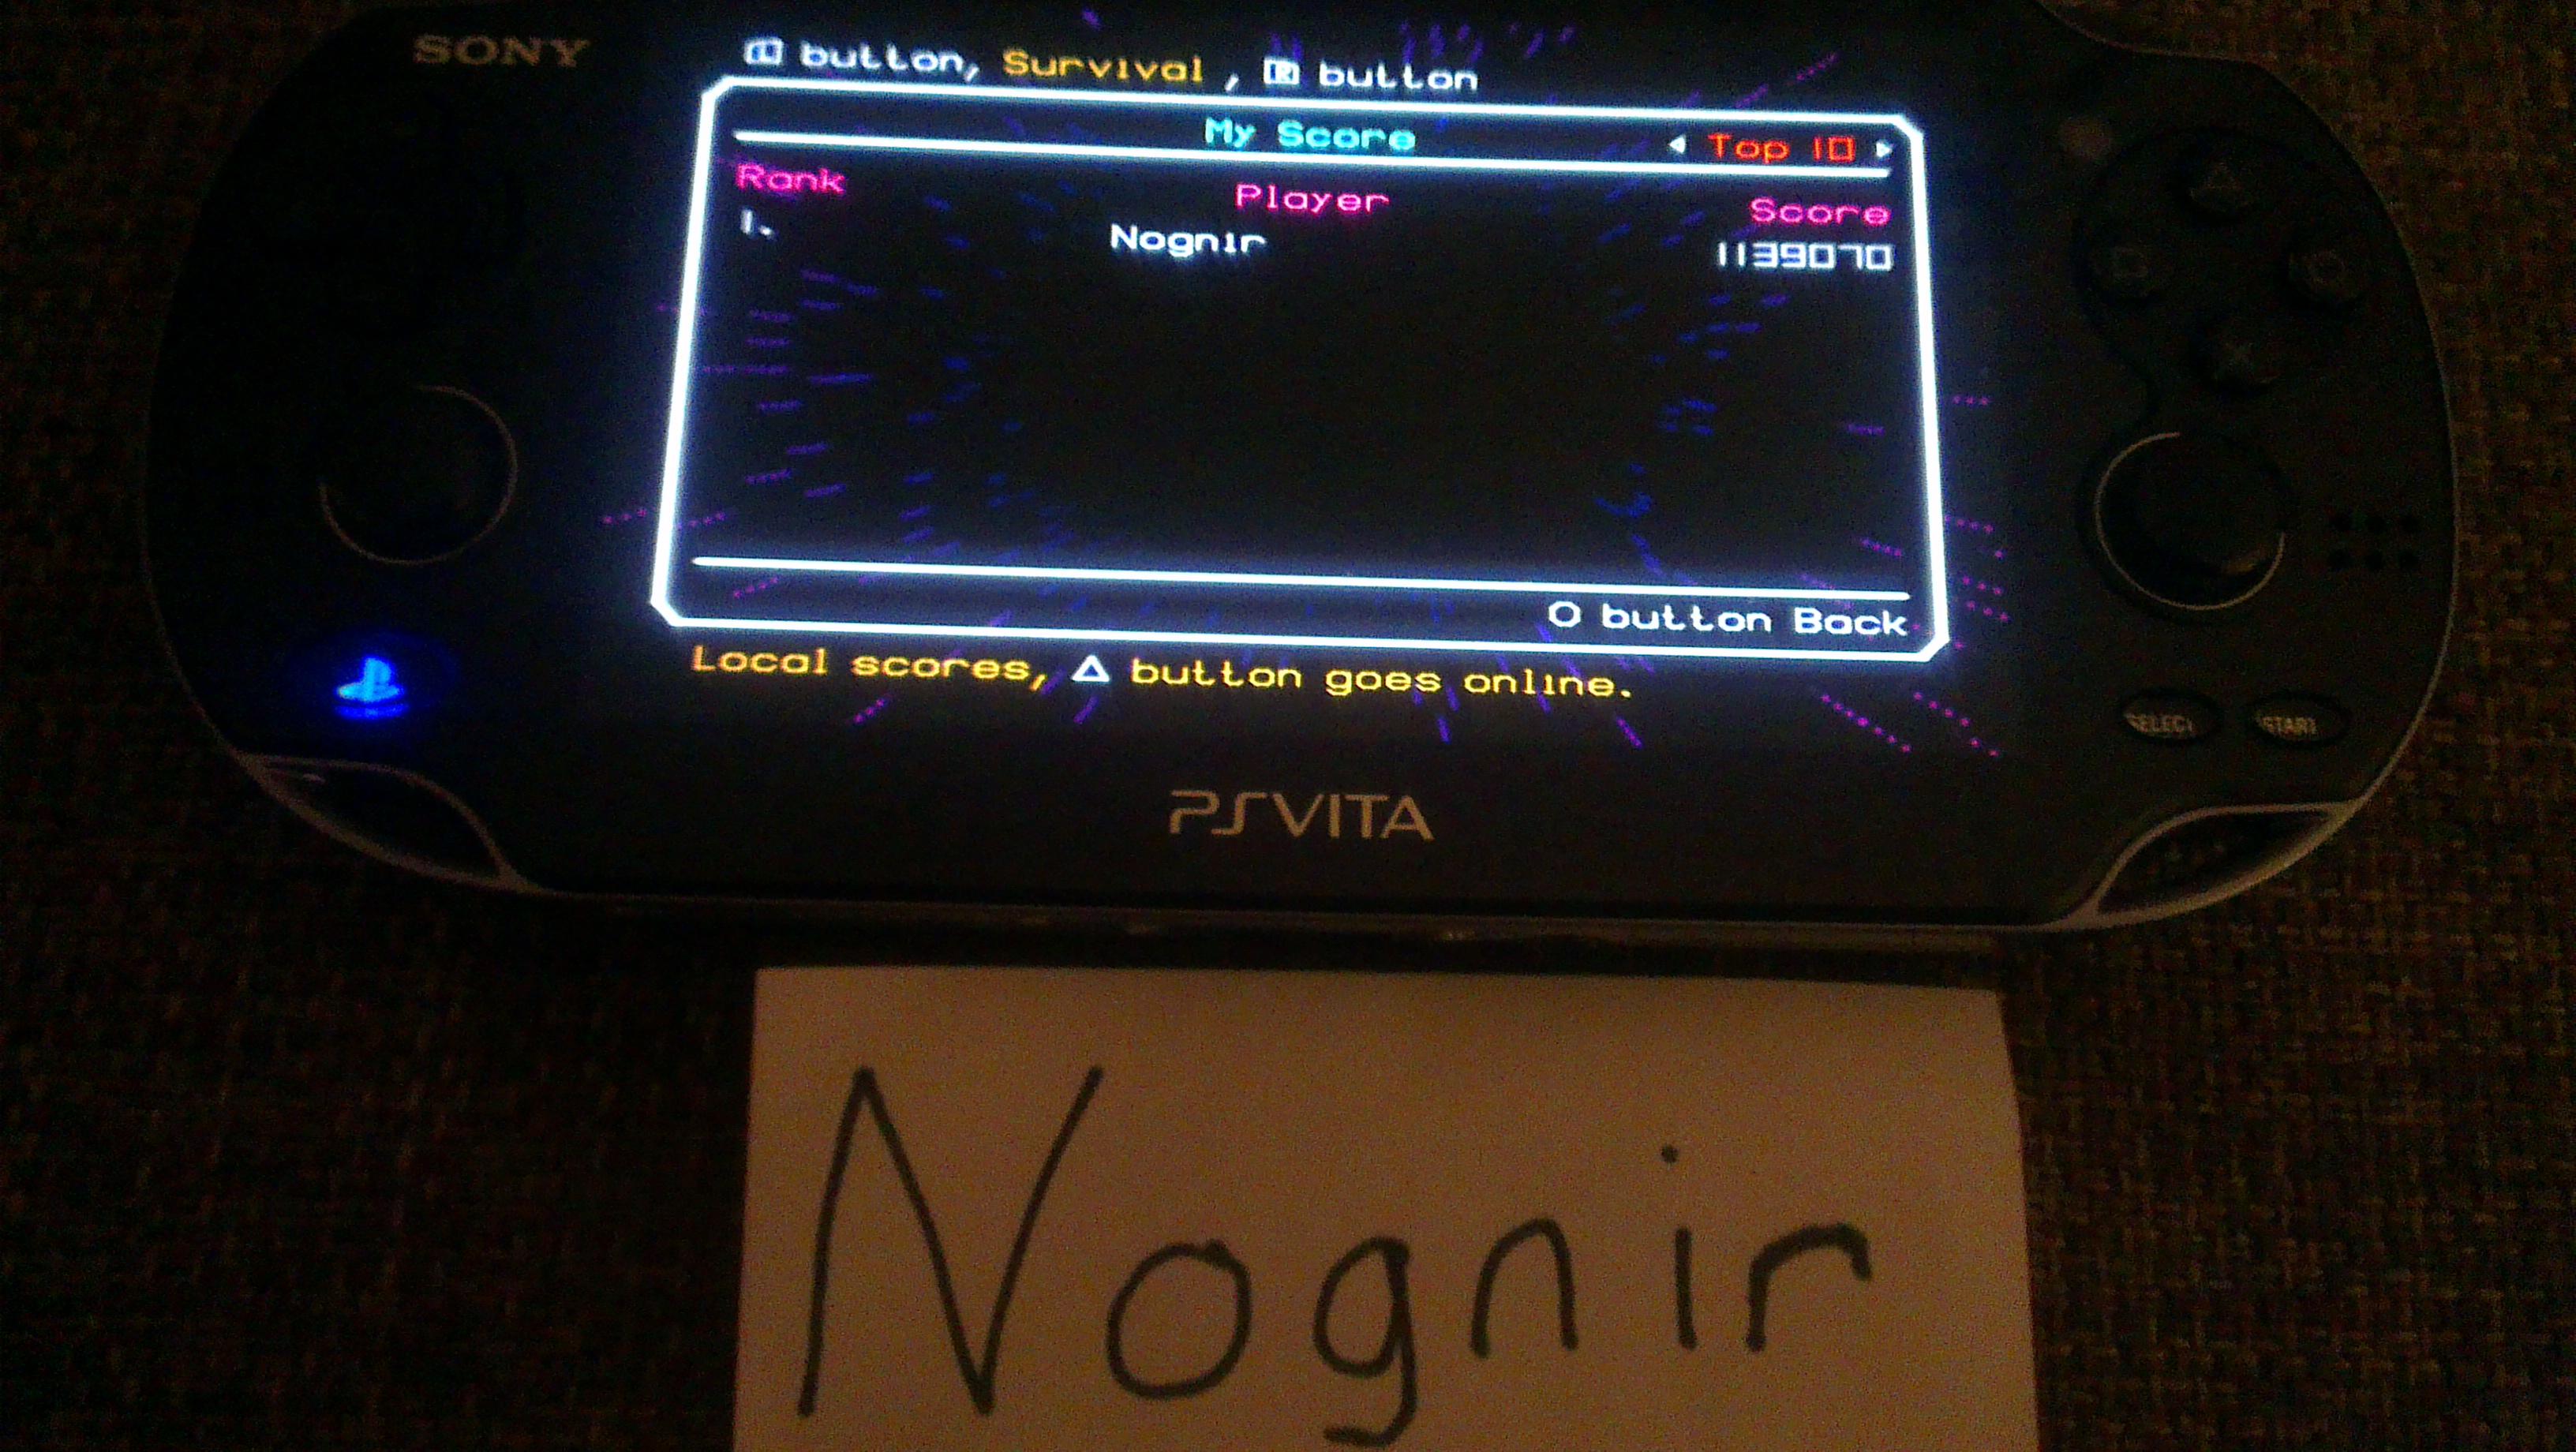 Nognir: TxK [Survival Mode] (PS Vita) 1,139,070 points on 2014-04-09 16:50:33